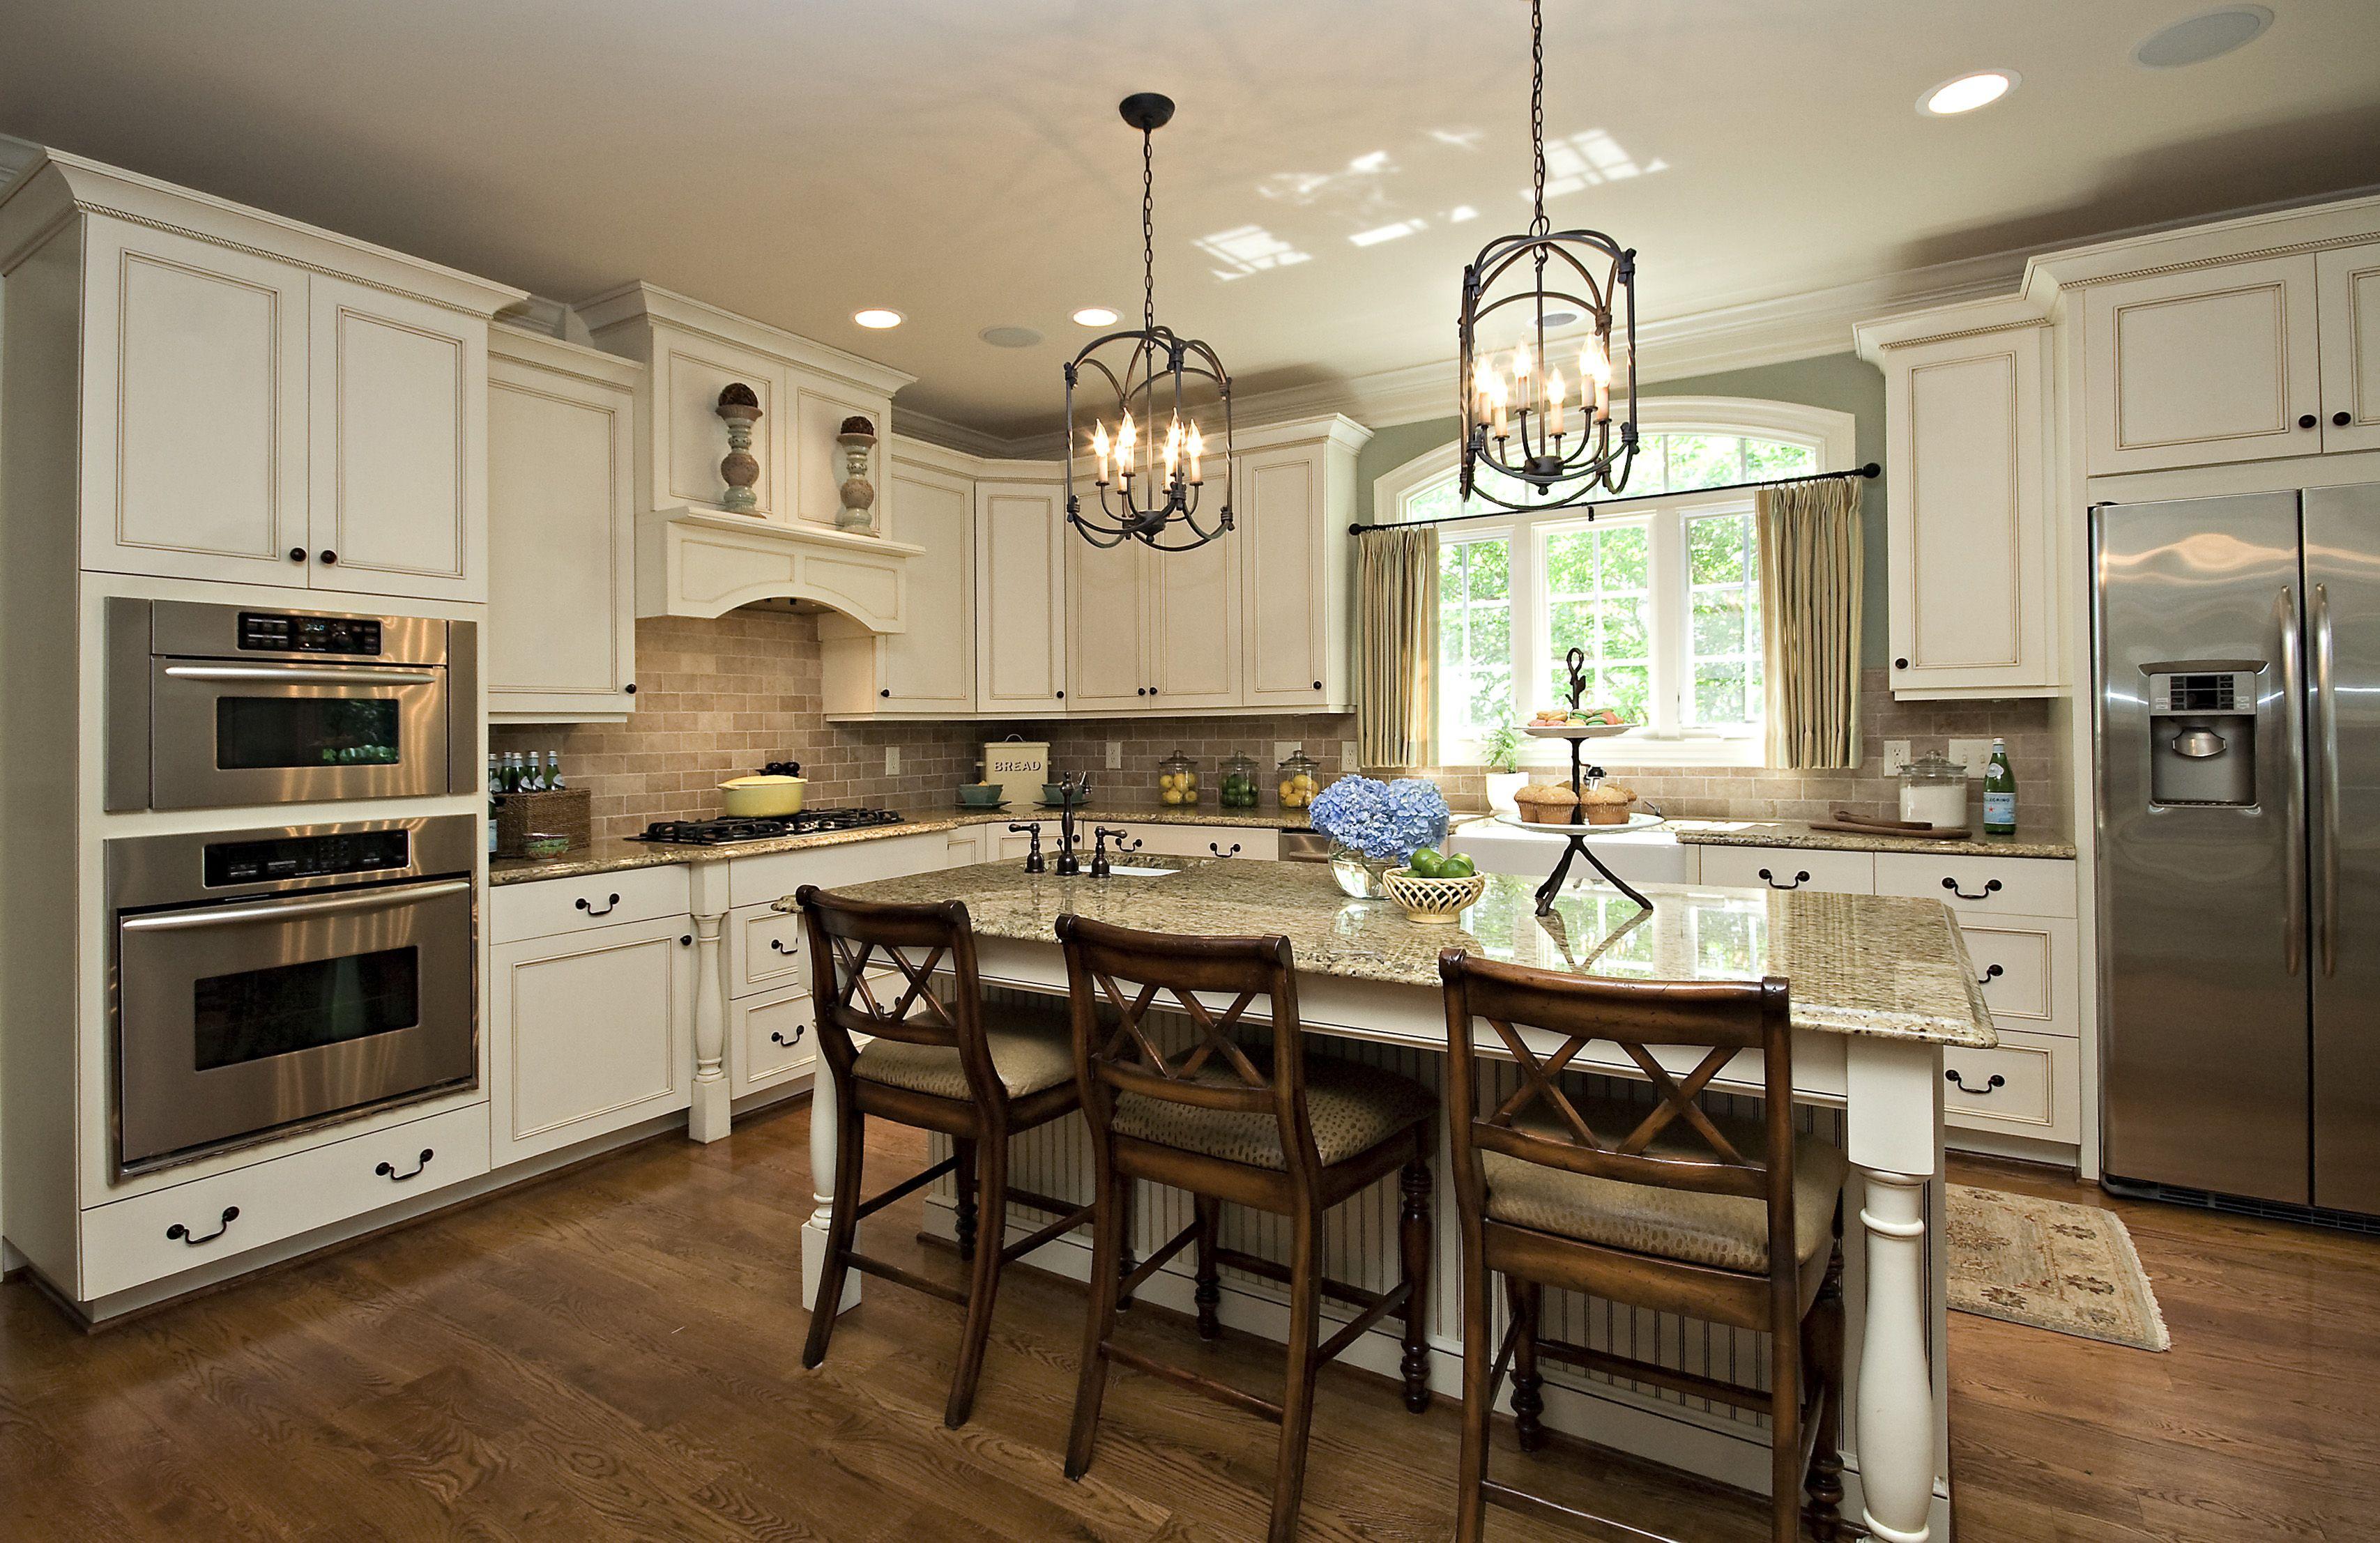 Bonus Room Ideas | Driggs Designs | Interior Design Raleigh, NC (919) 376